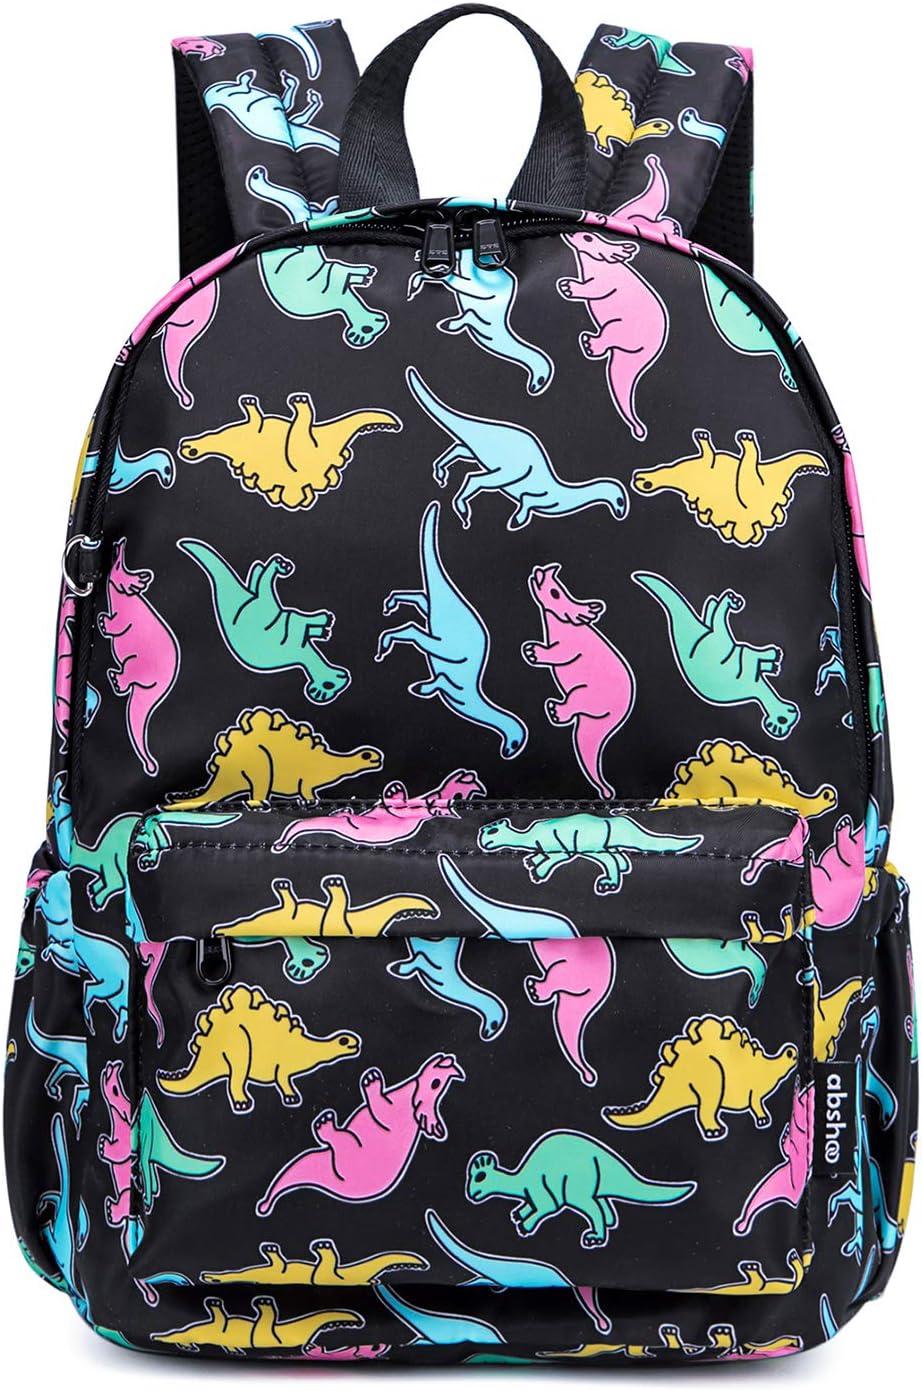 Abshoo Little Kids Toddler Backpacks for Preschool Backpack With Chest Strap (Dinosaur Black)